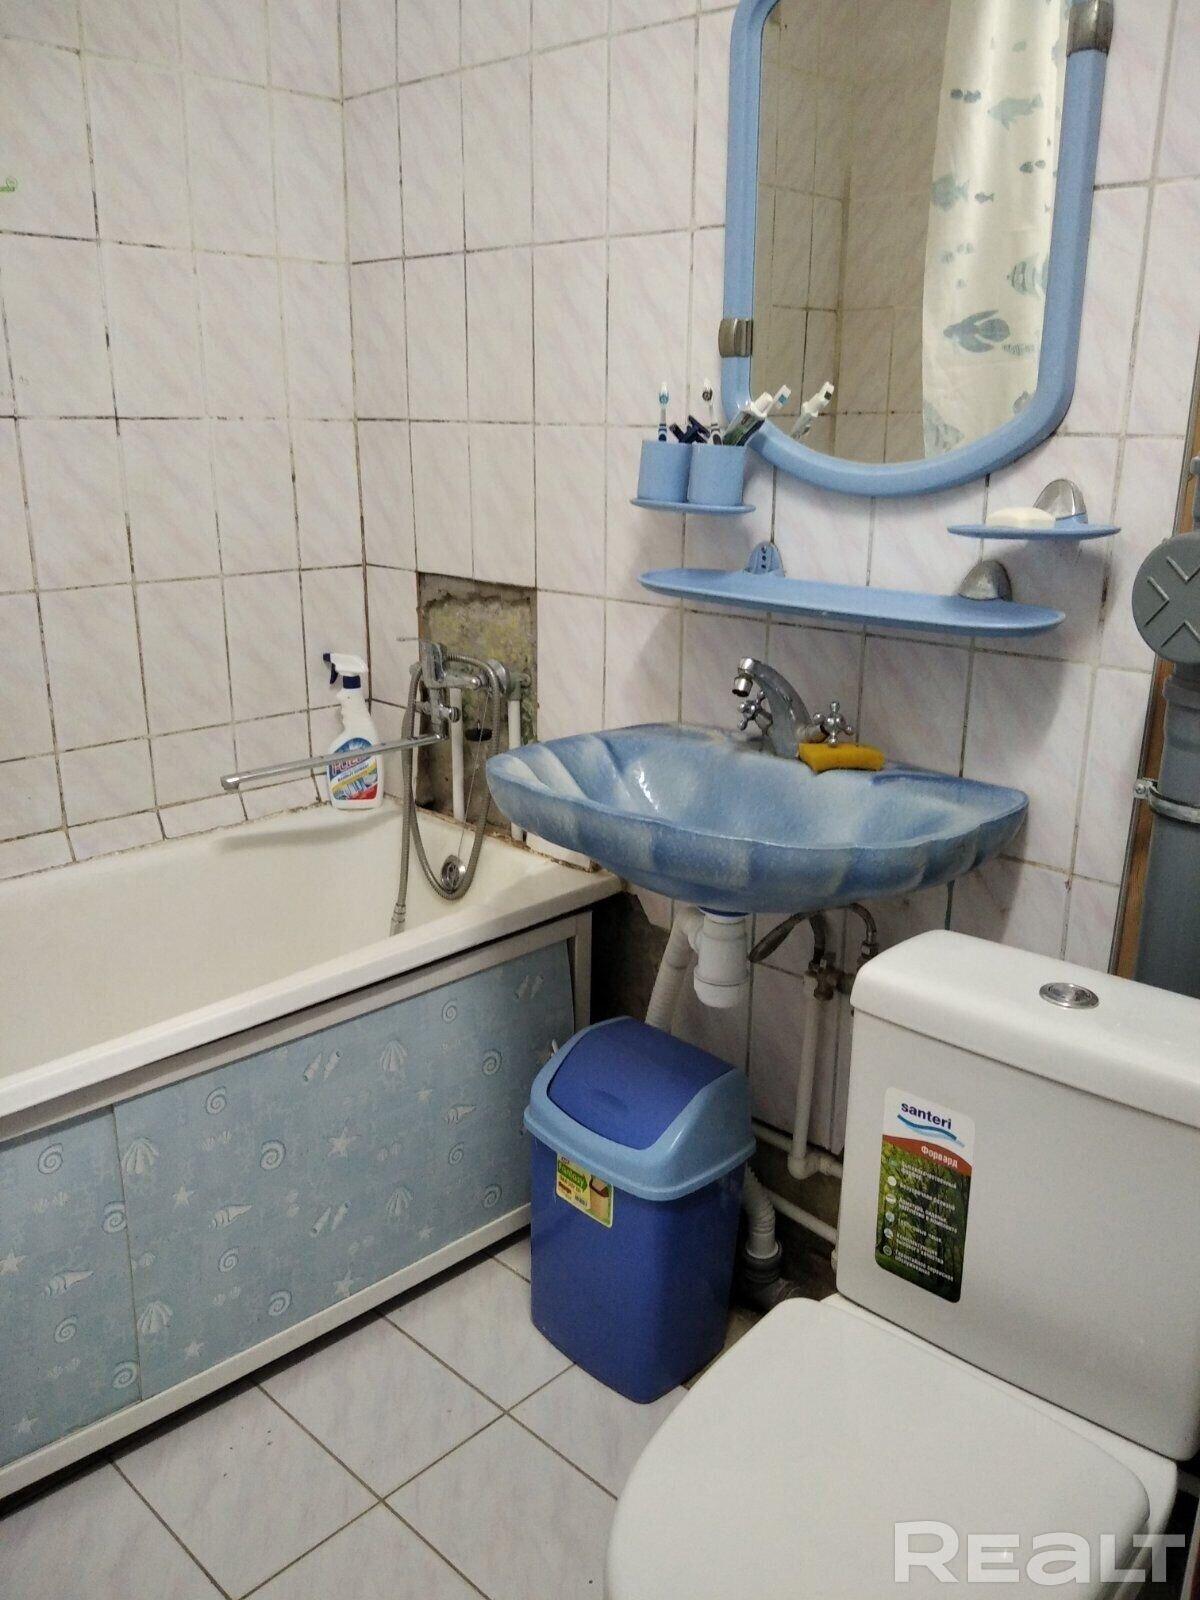 Продажа 3-х комнатной квартиры в г. Гомеле, ул. Советская, дом 139 (р-н Прудок). Цена 85 645 руб c торгом